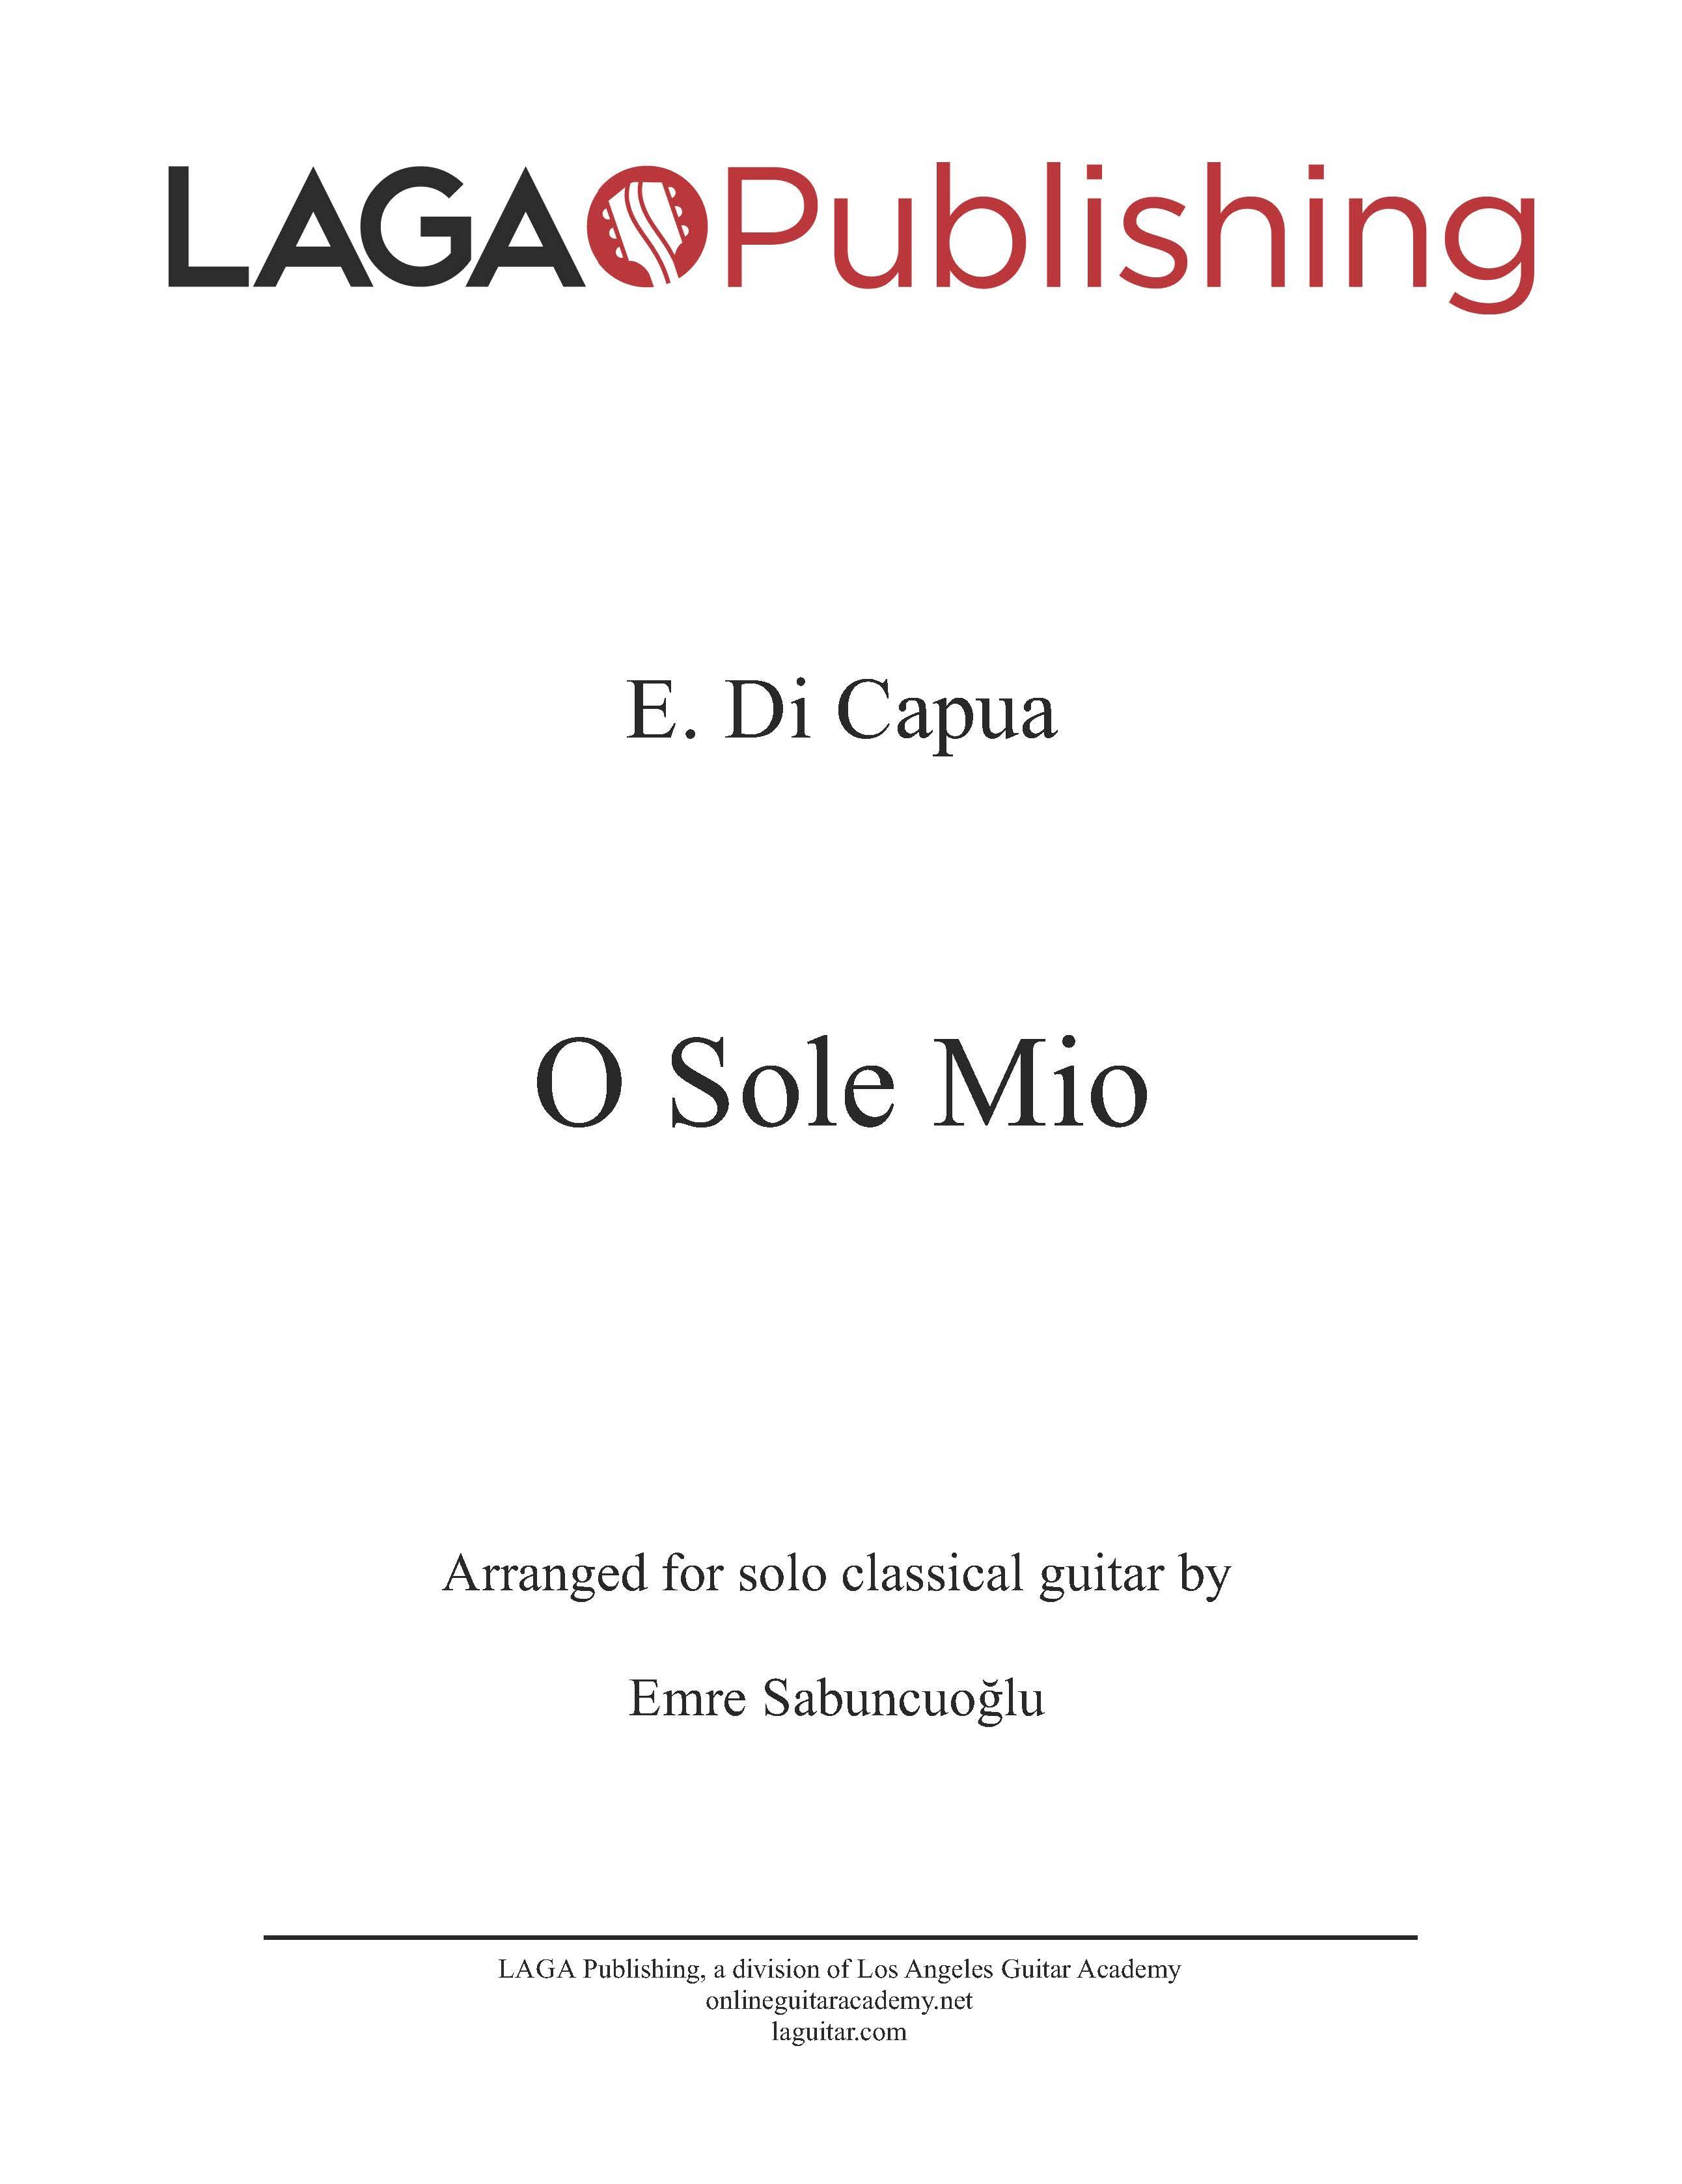 LAGA-Publishing-Capua-O-Sole-Mio-Score-and-Tab